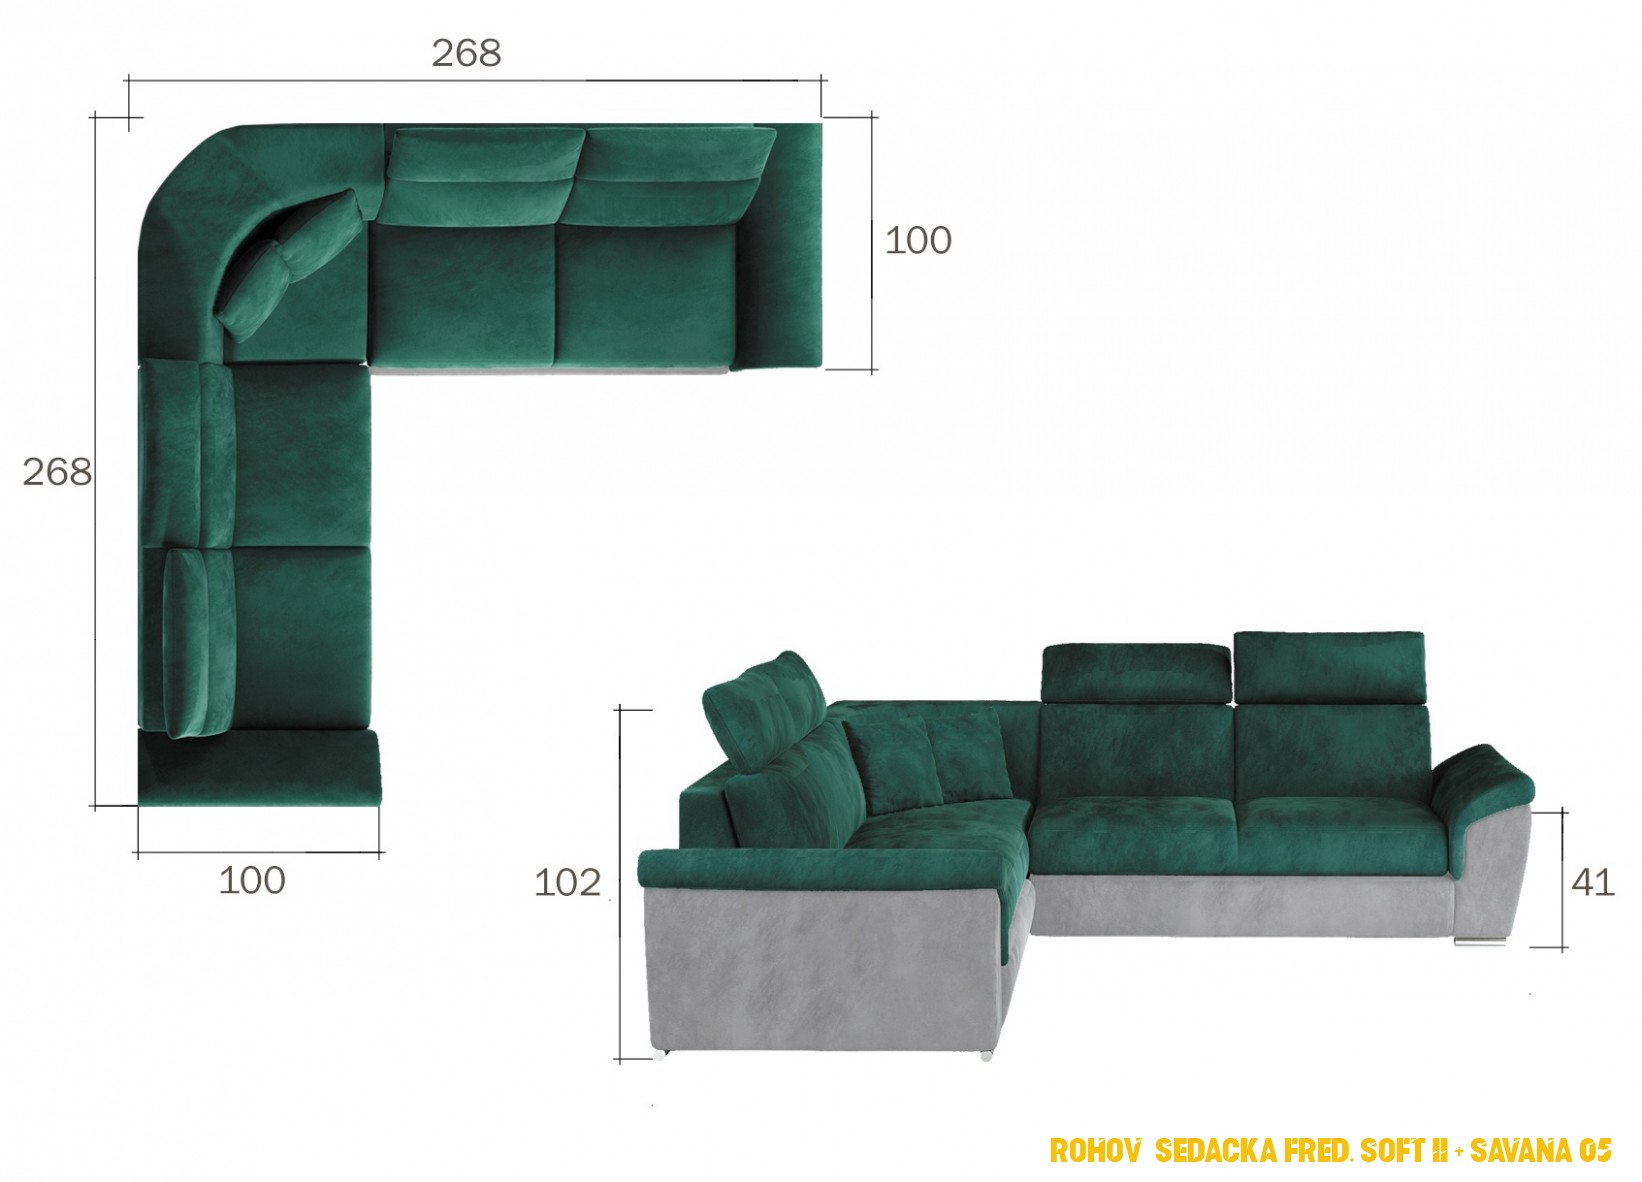 Rohová sedačka Fred, Soft 4 + Savana 4